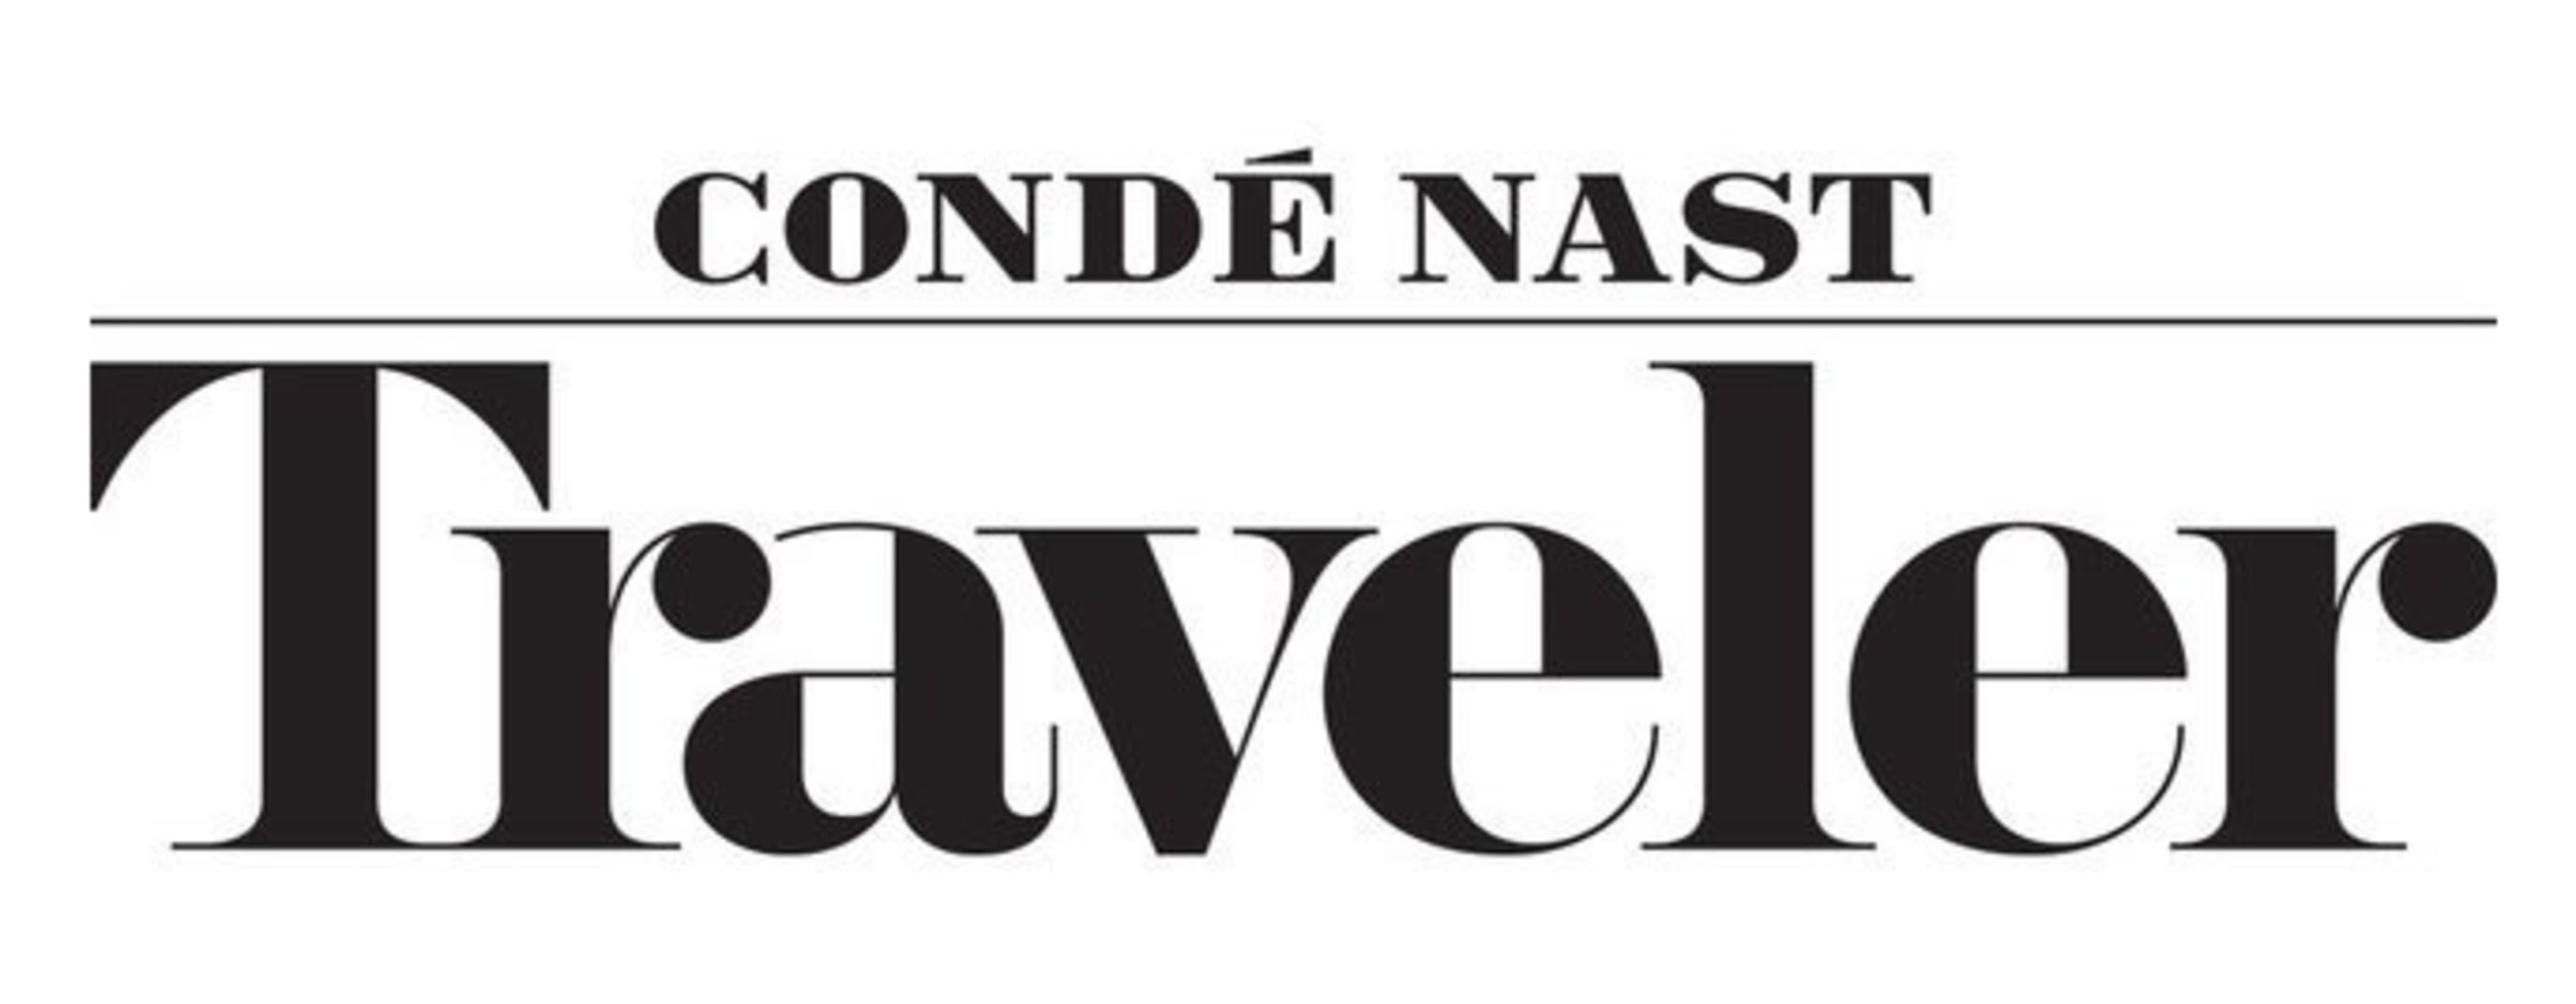 Conde Nast Traveler Logo